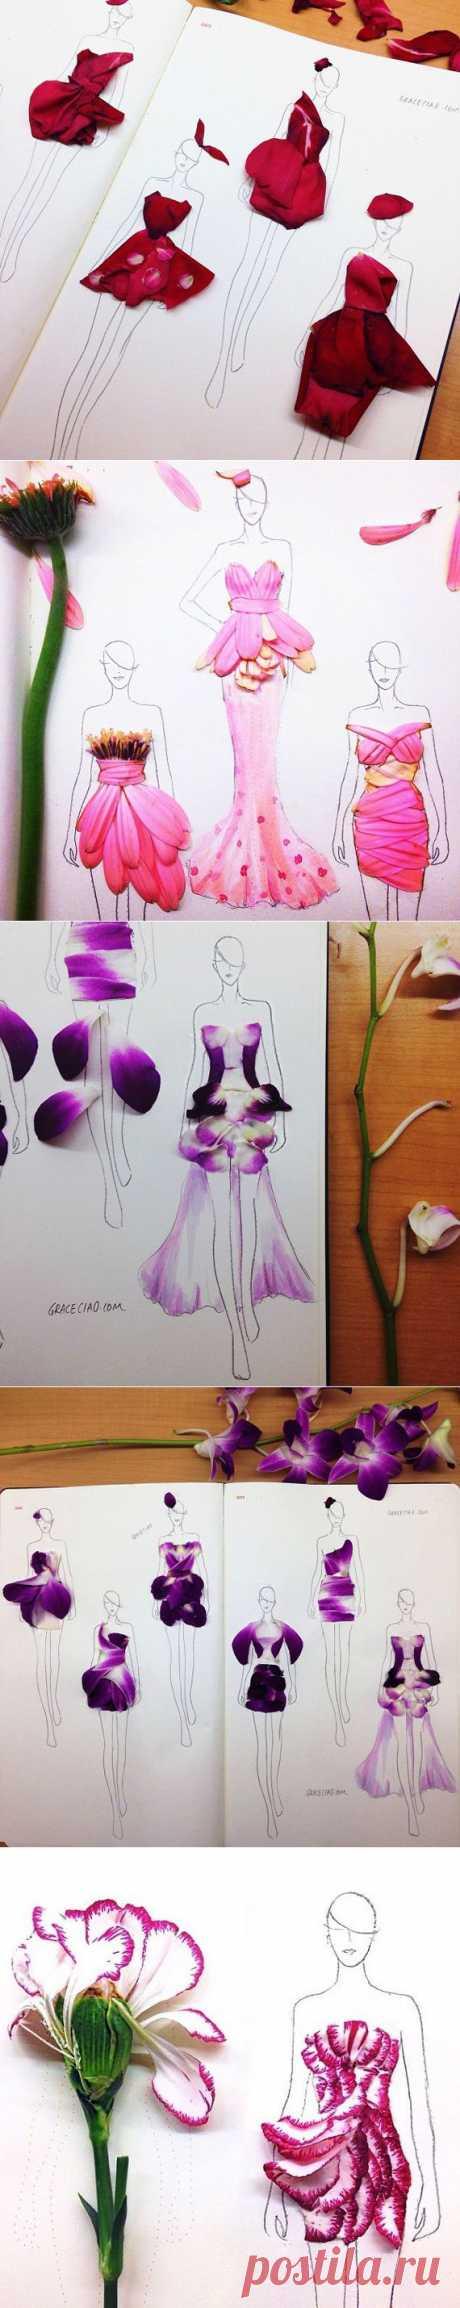 Модные цветочные эскизы (9 фото)